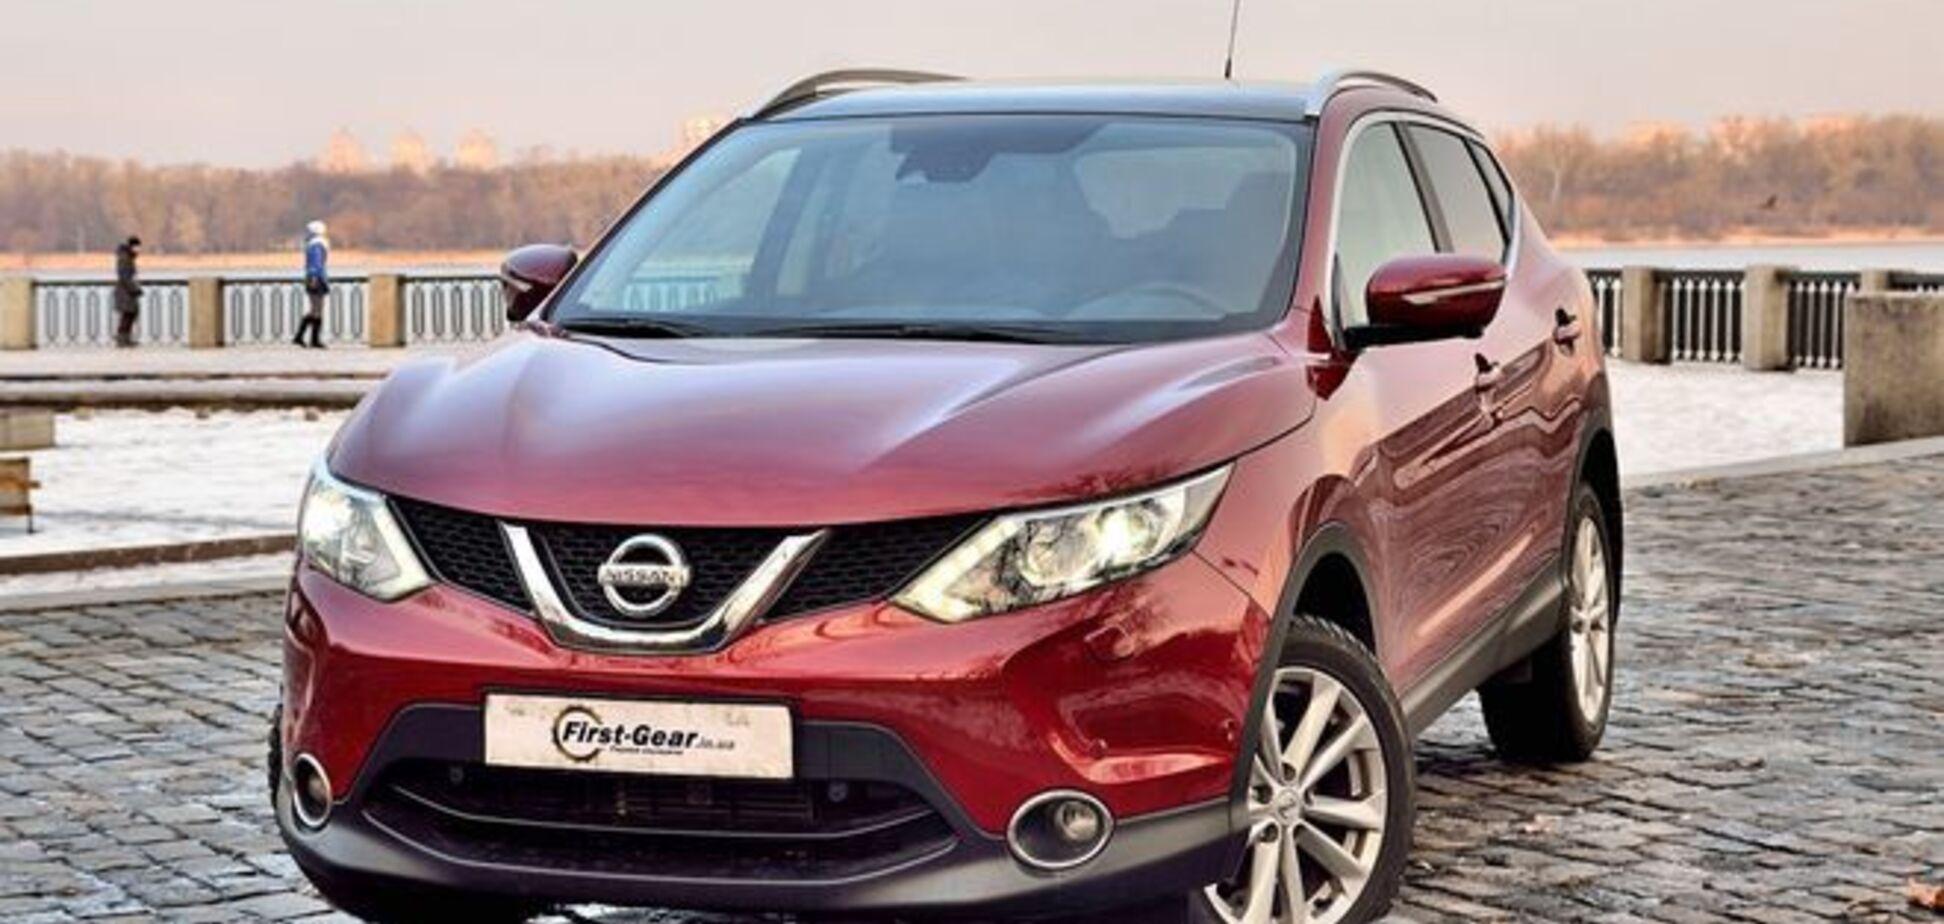 Тест-драйв Nissan Qashqai new: экономим на топливе